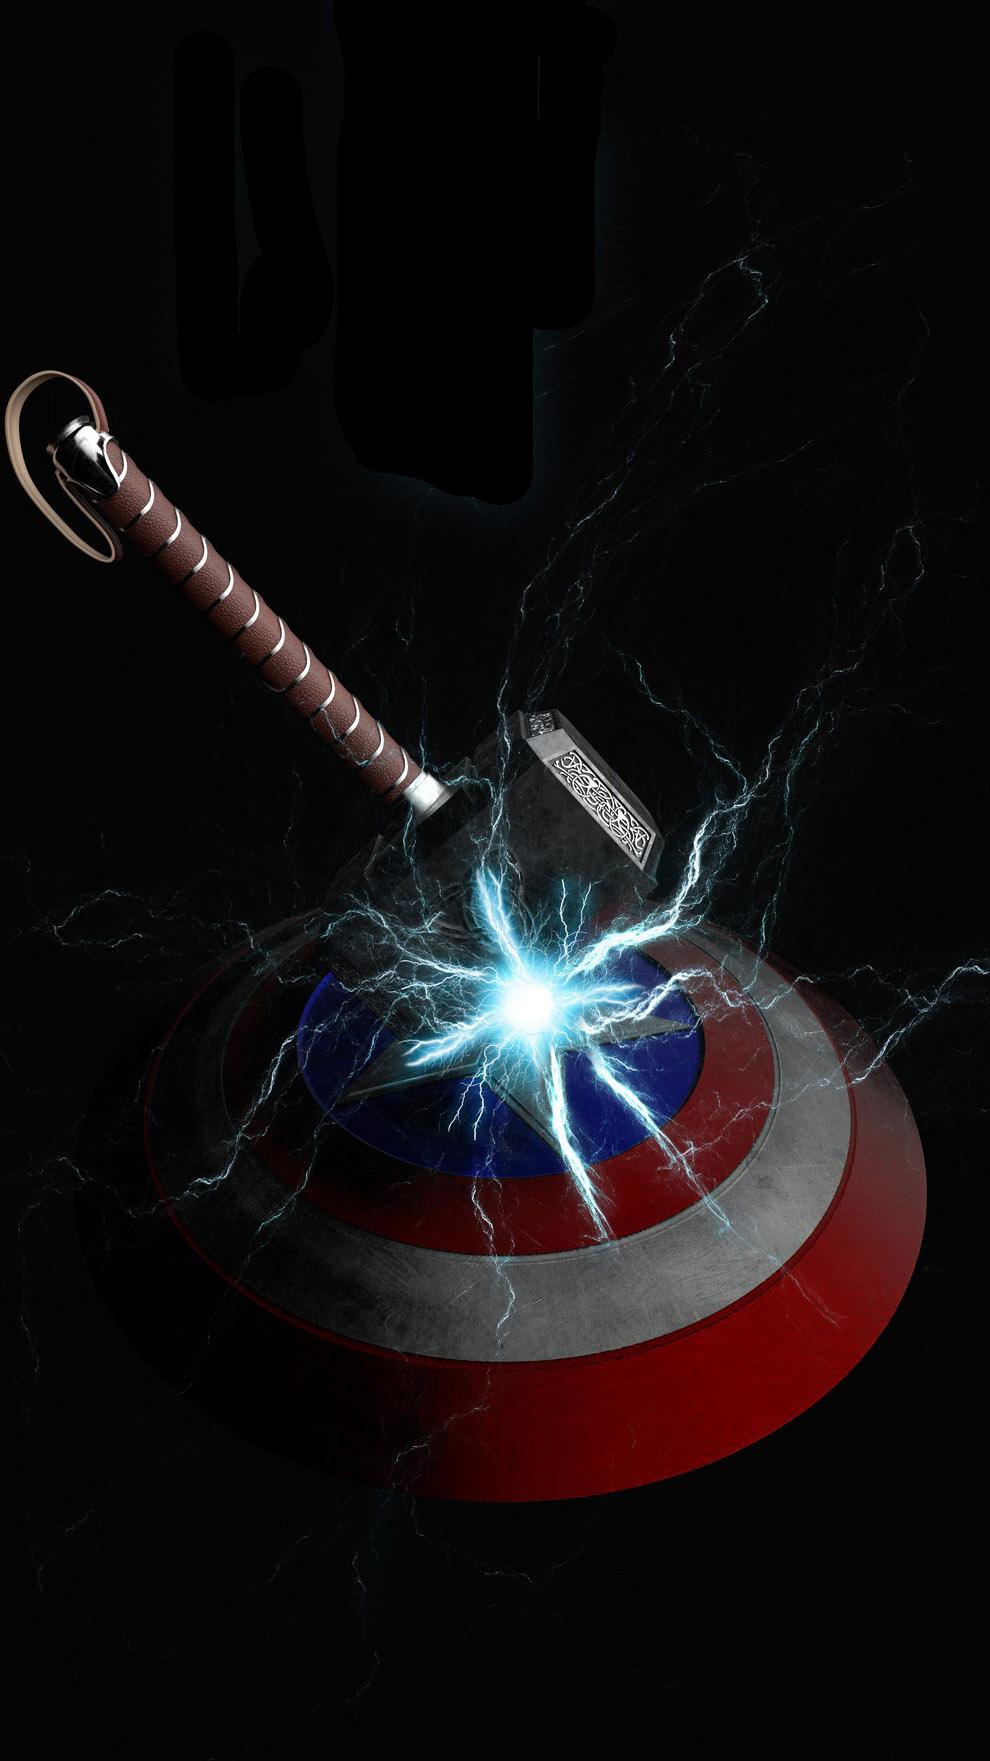 Mjolnir vs Captain America Shield iPhone Wallpaper